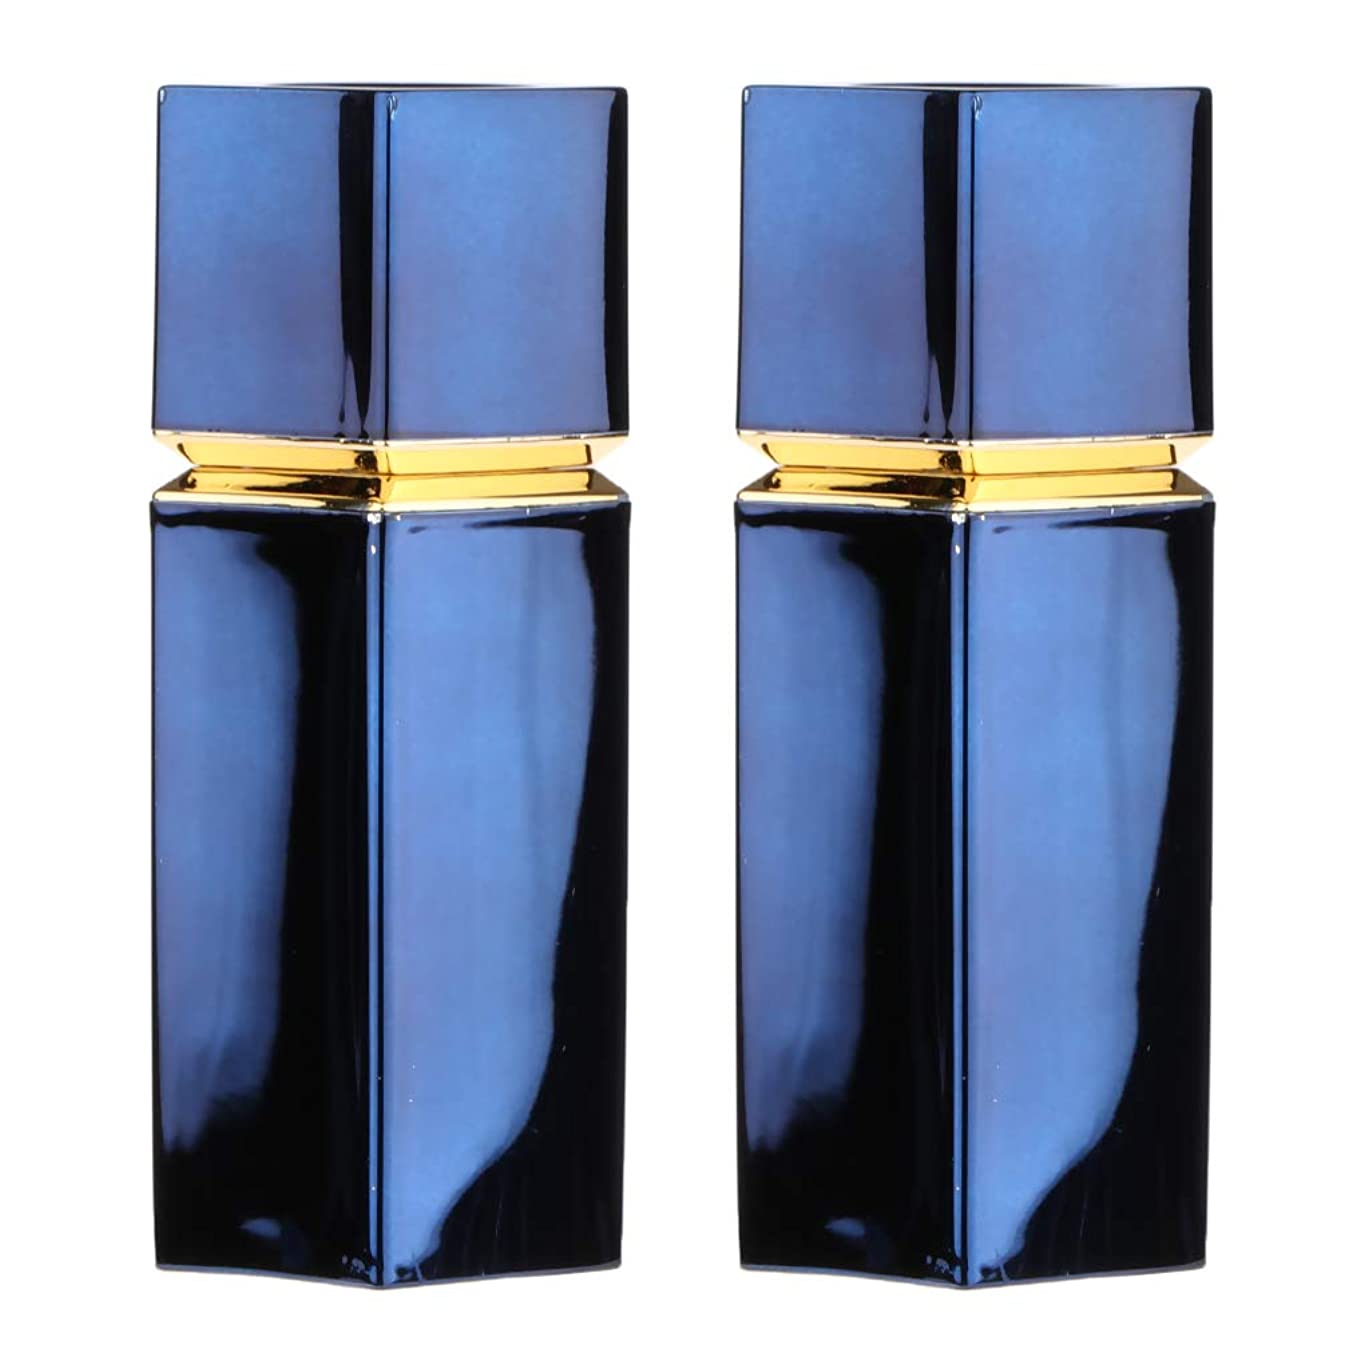 順応性のある可決テンポDYNWAVE 詰め替え口紅チューブ ABSプラスチック製 空の口紅の管 リップクリーム リップスティック 固形香水